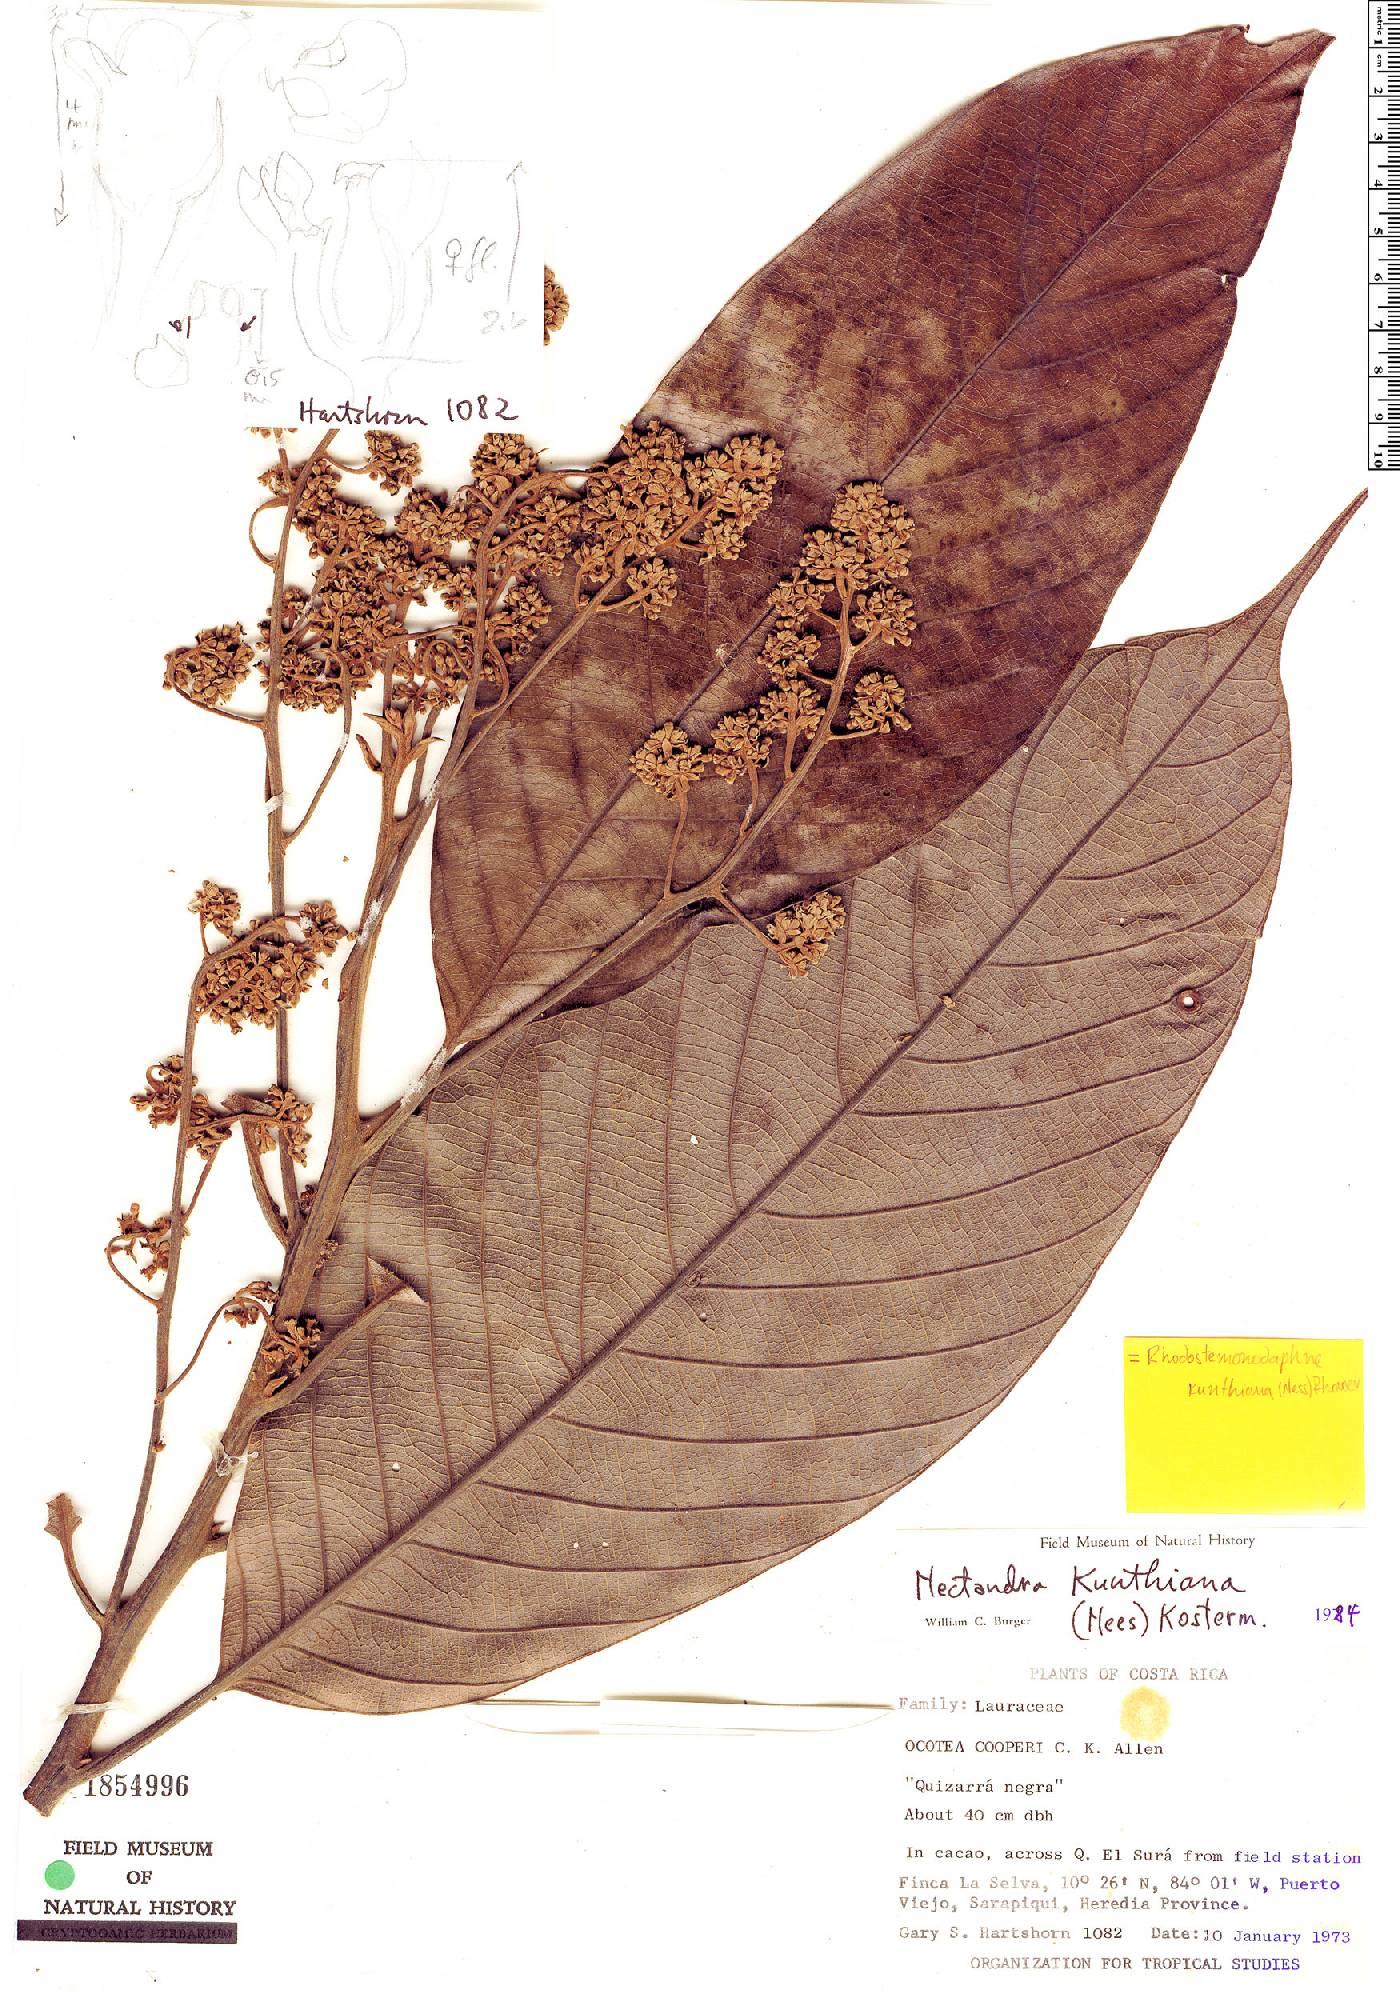 Rhodostemonodaphne kunthiana image